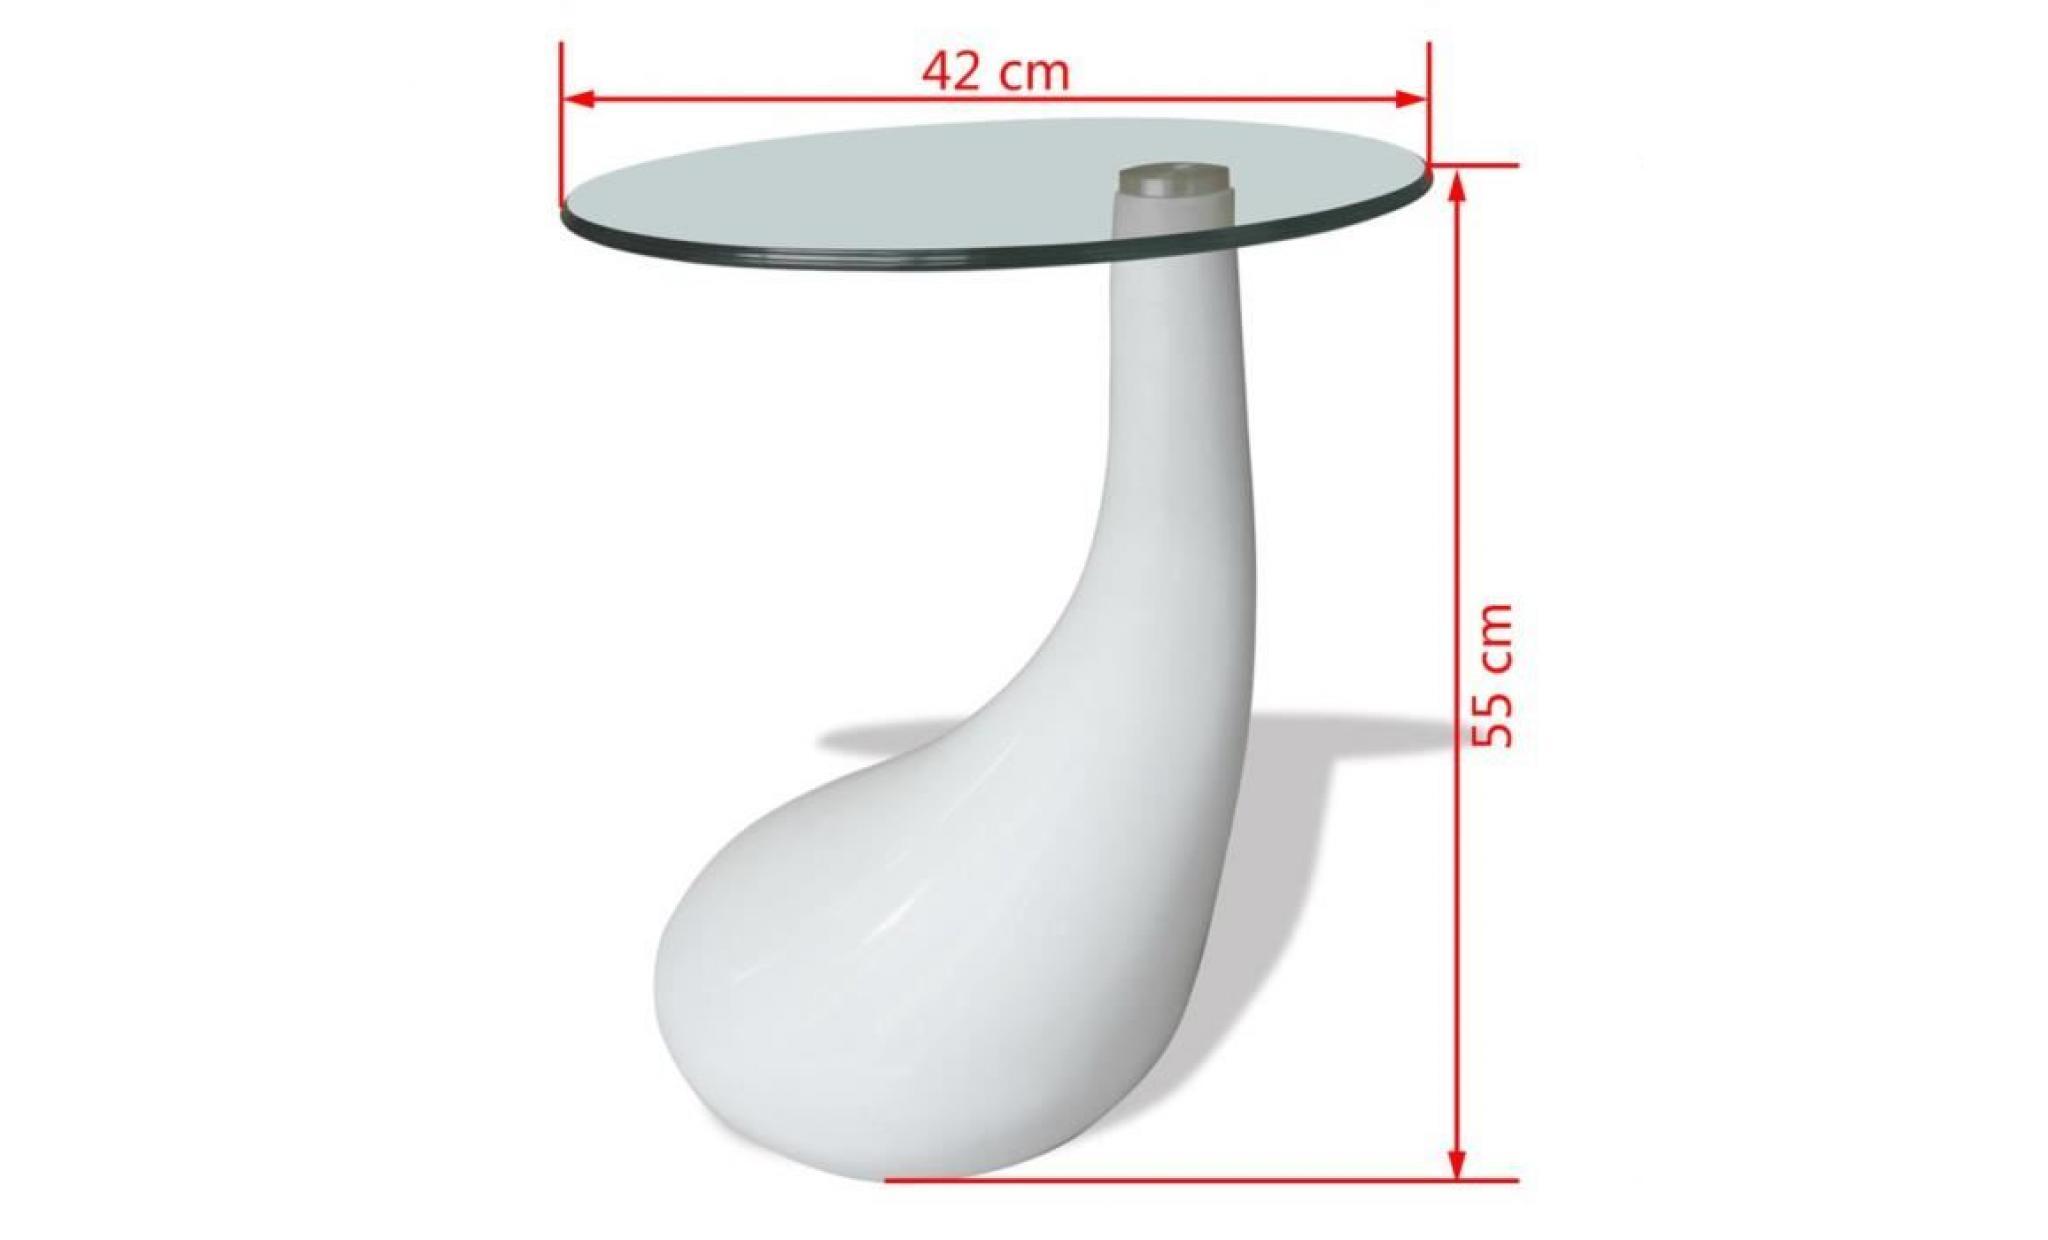 table basse ronde avec dessus de table en verre rond blanc brillant table  basse de salon chambre jardin